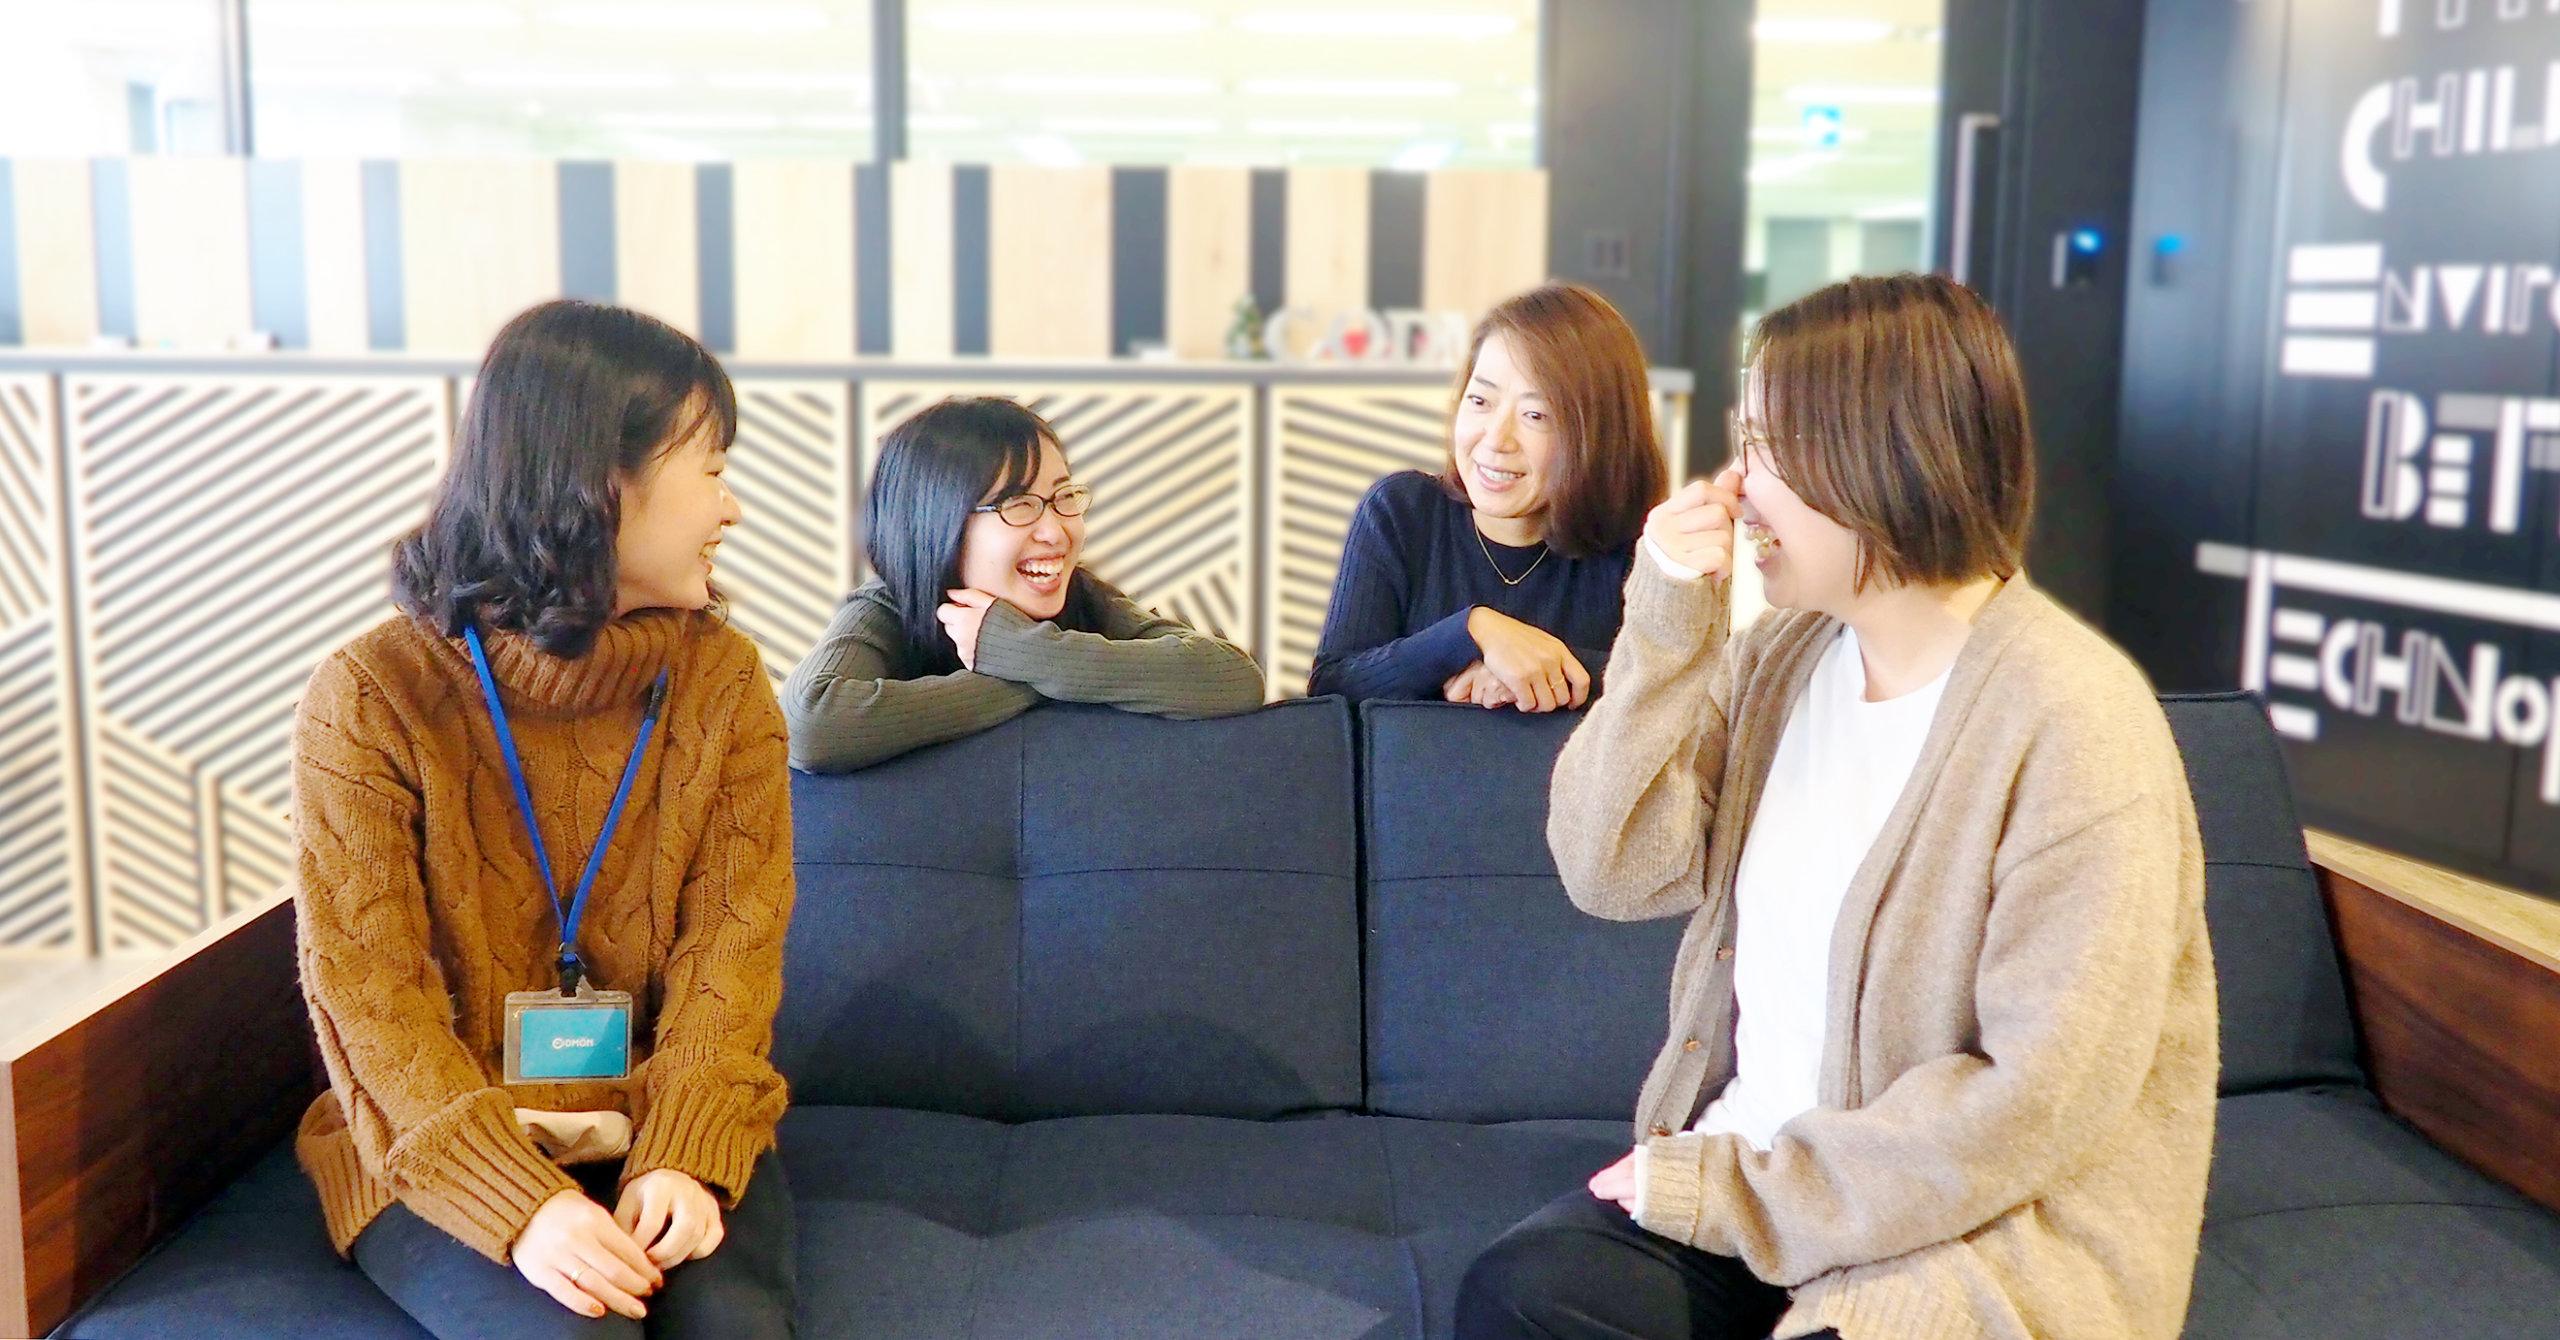 【コドモンの働き方 Vol.4】安心感の源泉は「雑談」にあり。バディ制度で変わる社内コミュニケーション